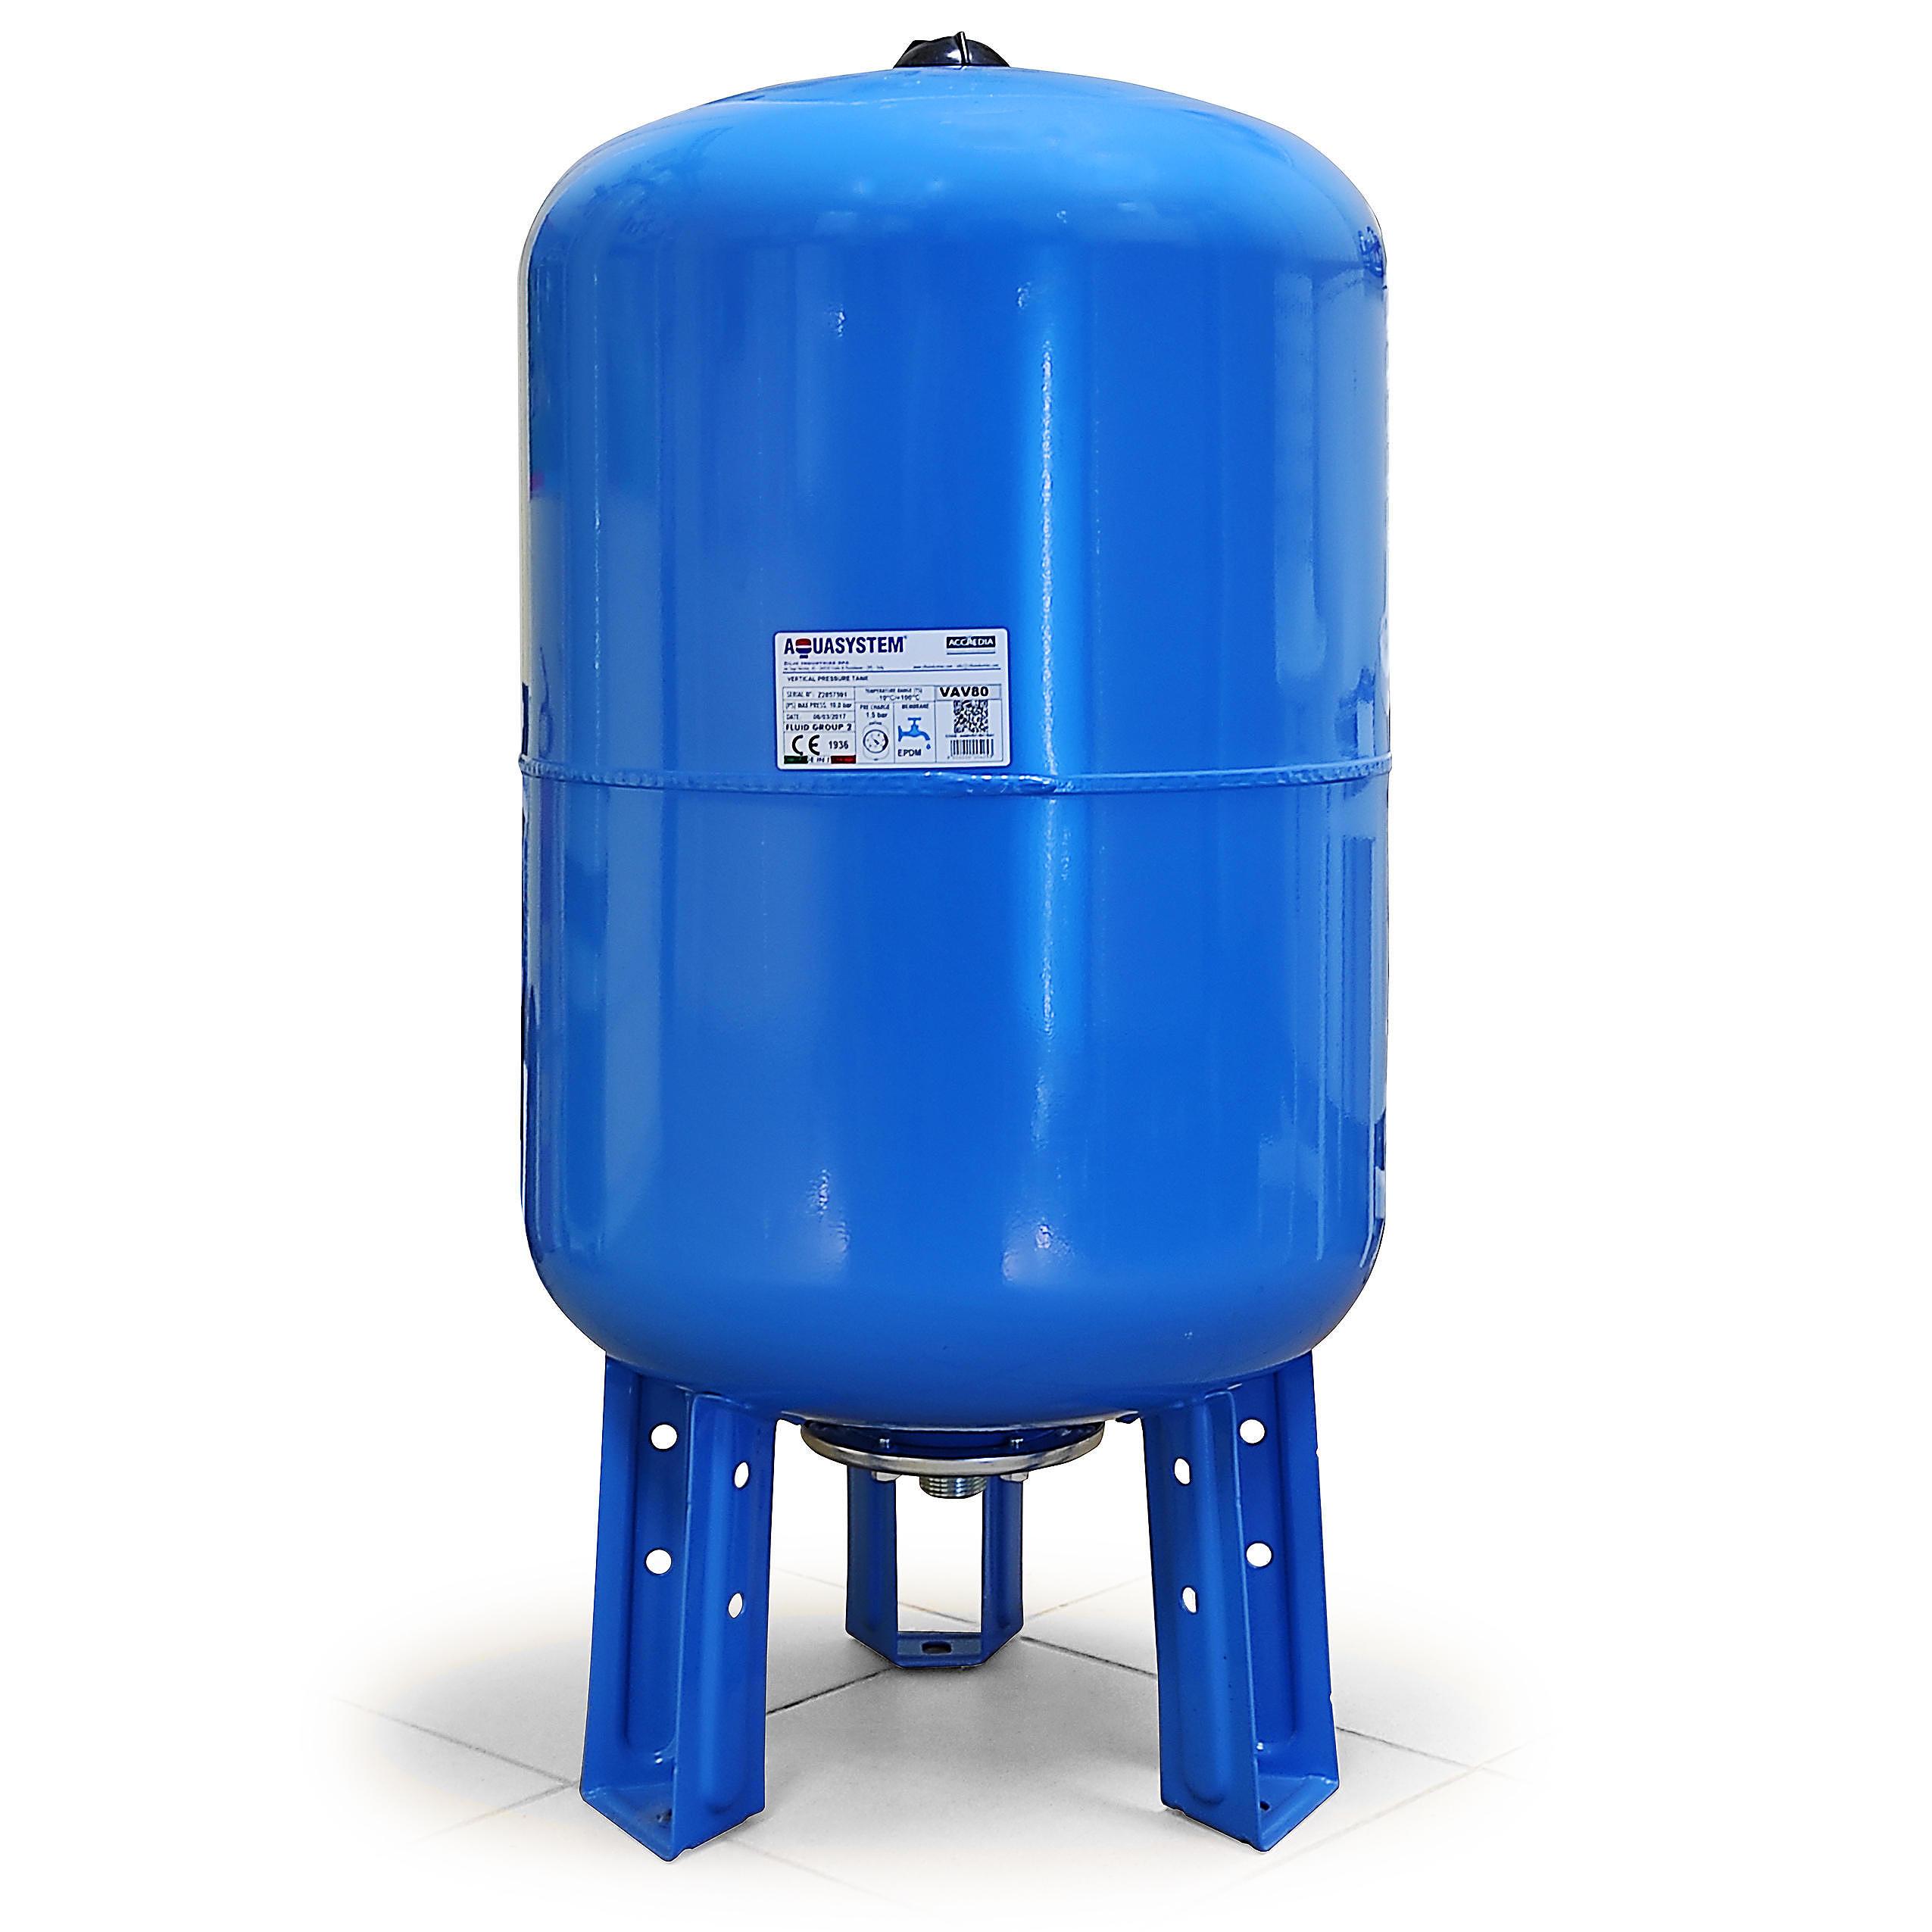 Aquasystem VAV 80